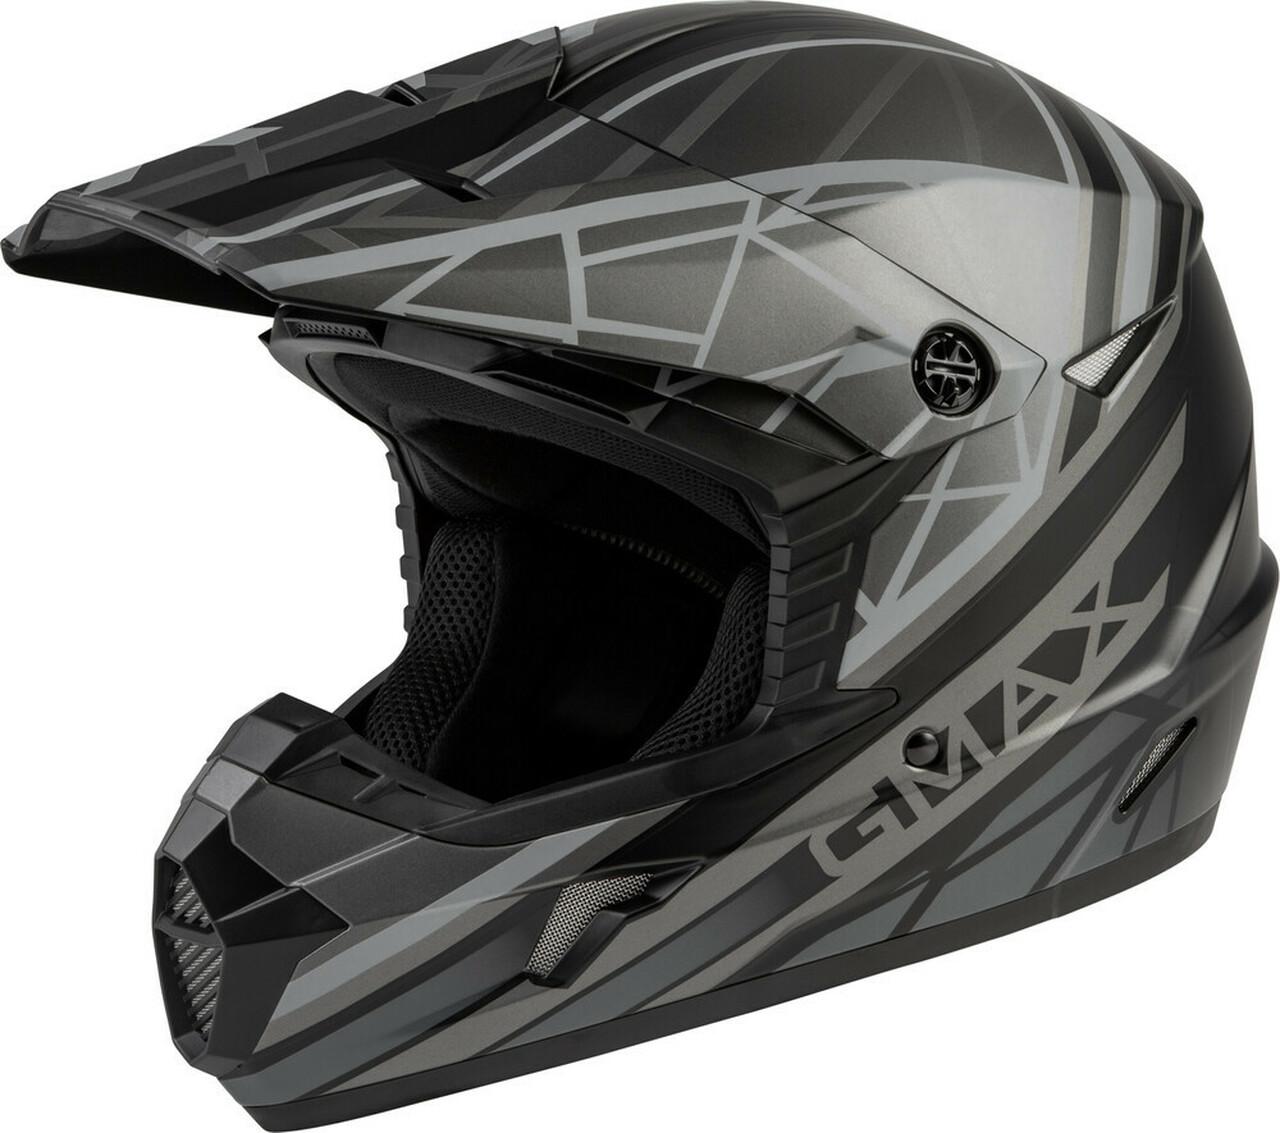 GMAX MX-46 Mega Off-Road Helmet Matte Black/Grey